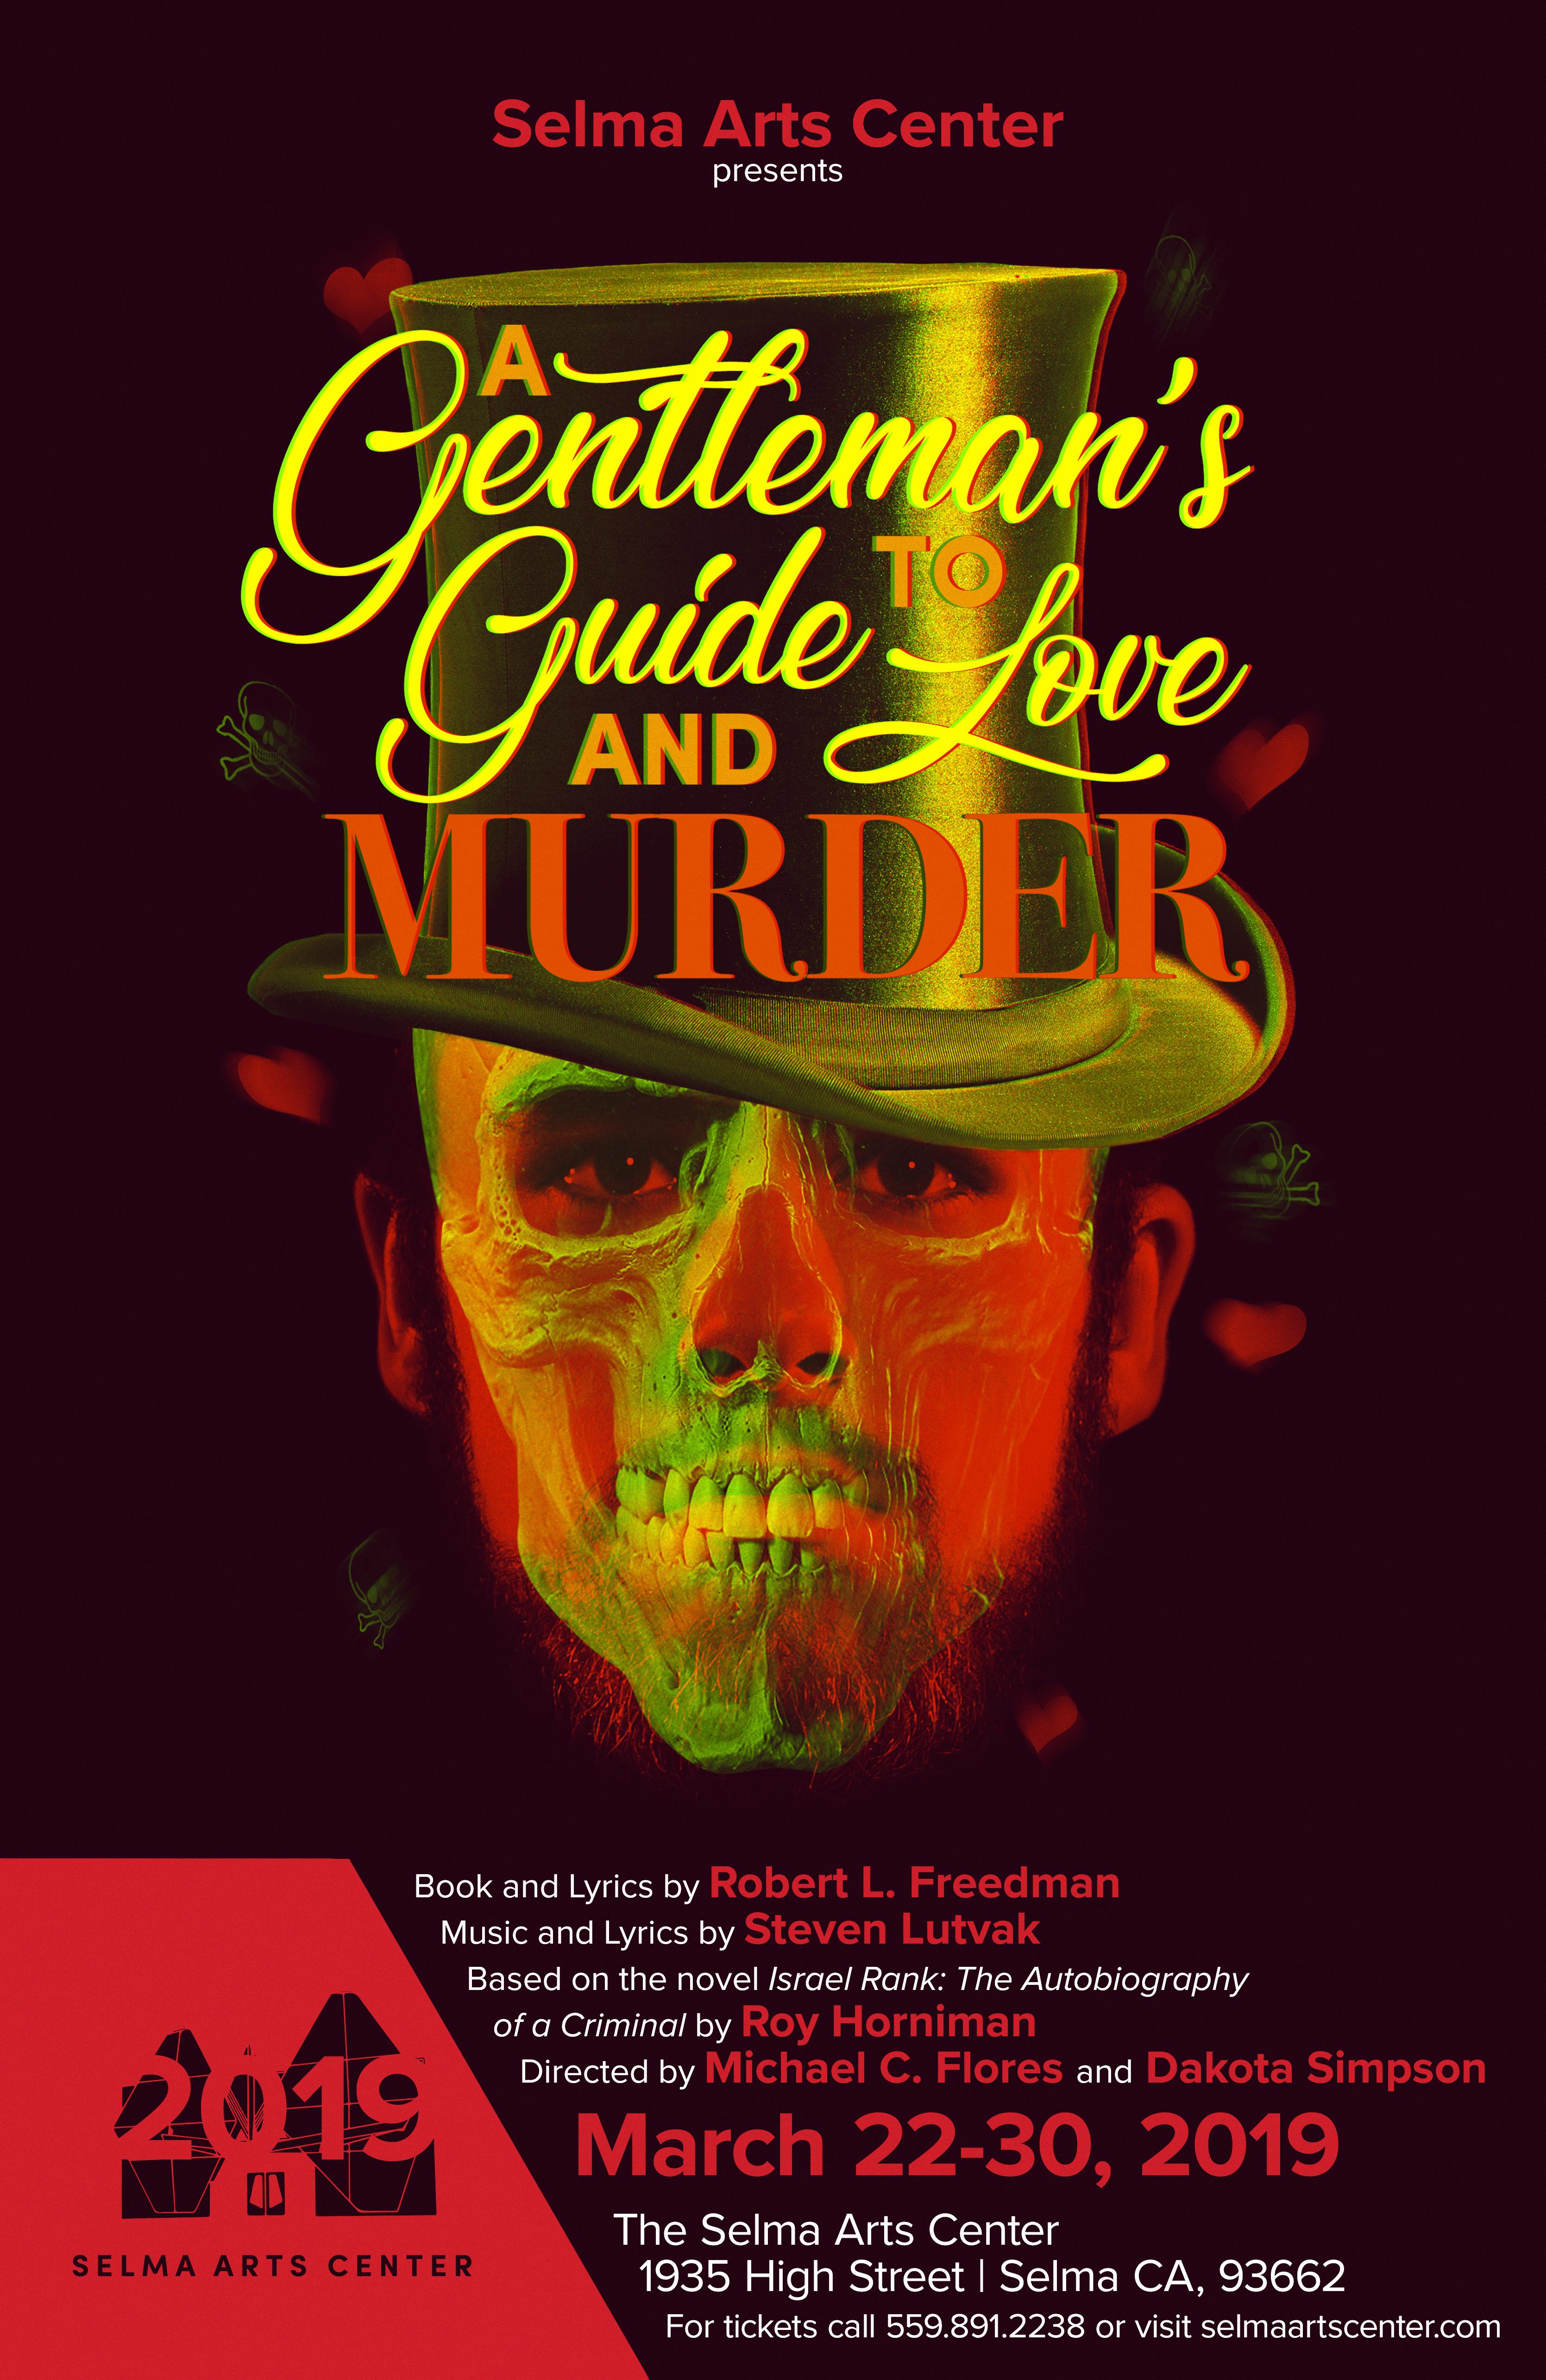 Gentlemansguide poster